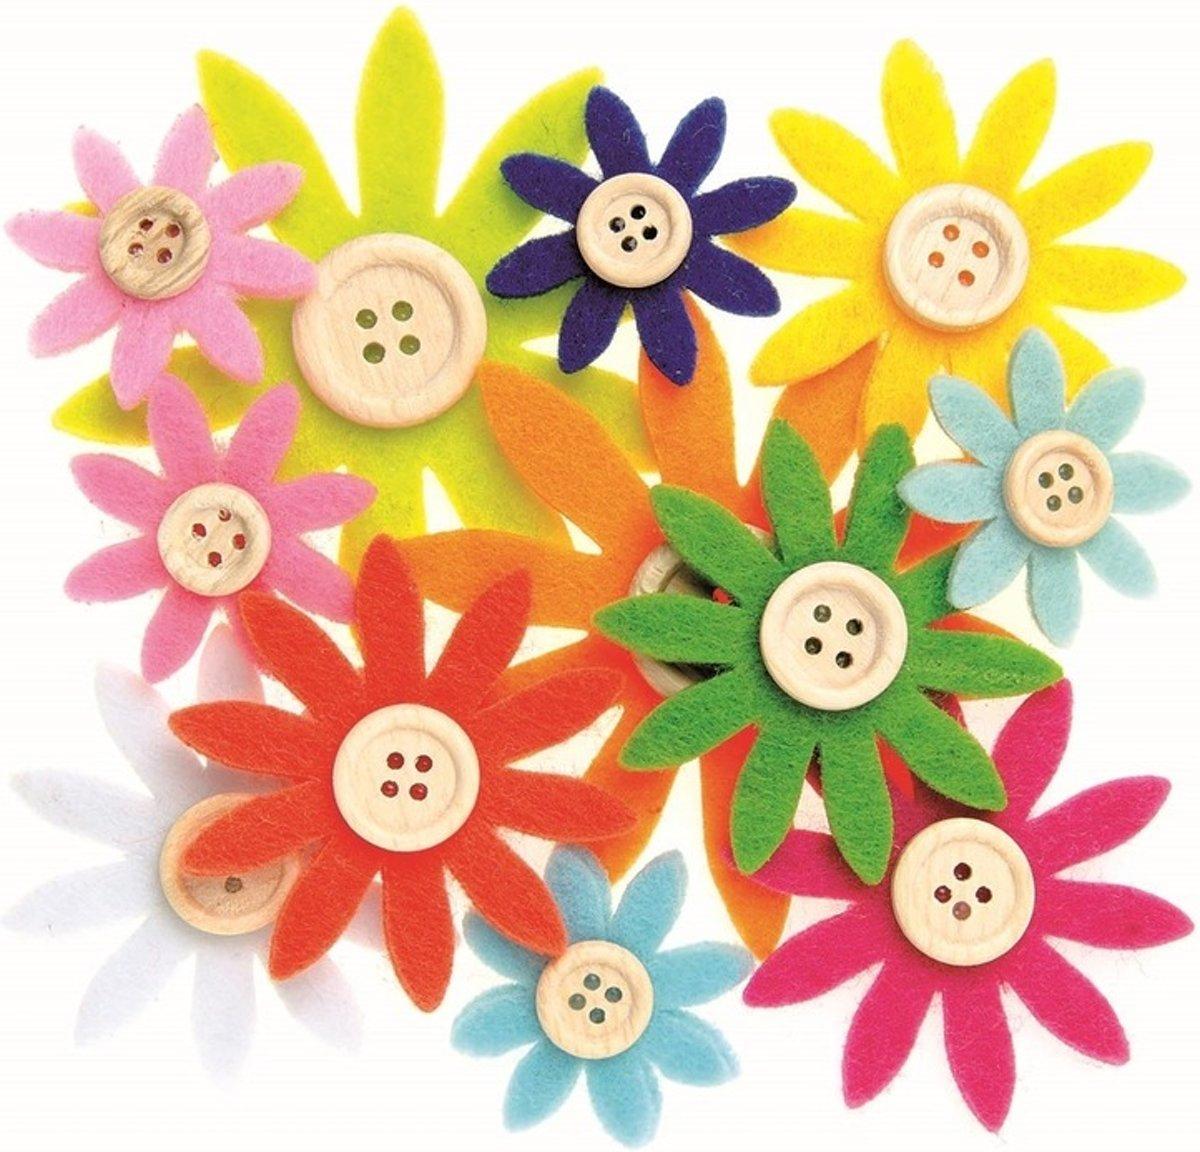 Hobby vilt 12 gekleurde vilten bloemen met knoop 3,5-7 cm kopen